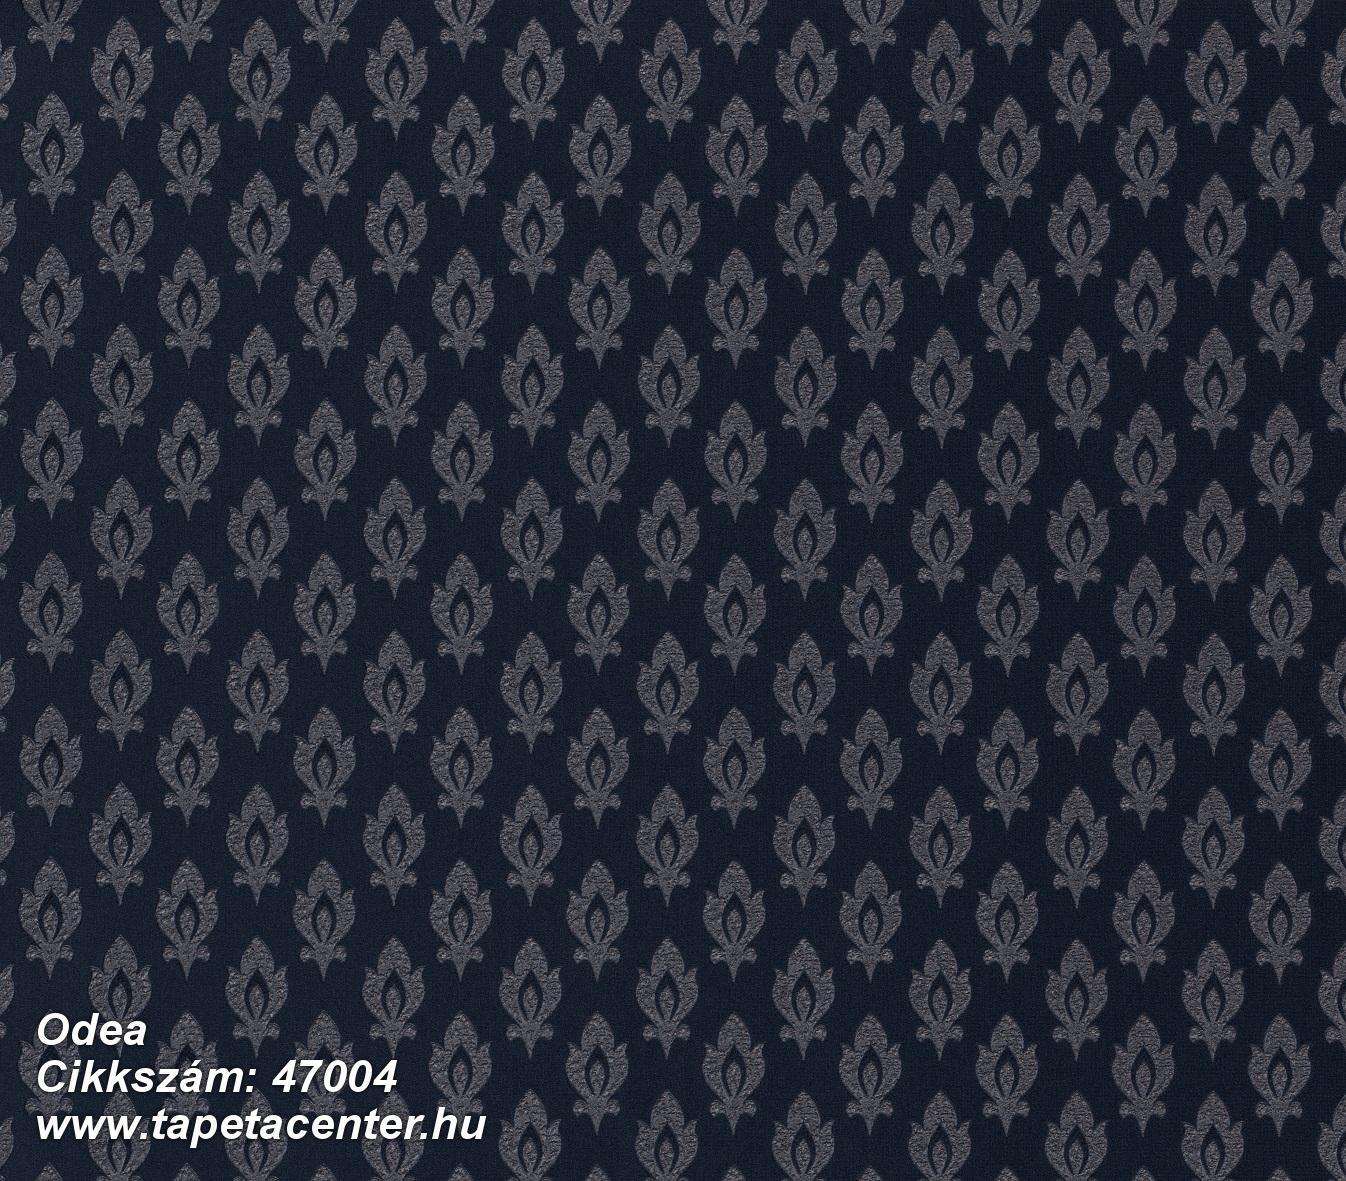 Odea - 47004 Olasz tapéta